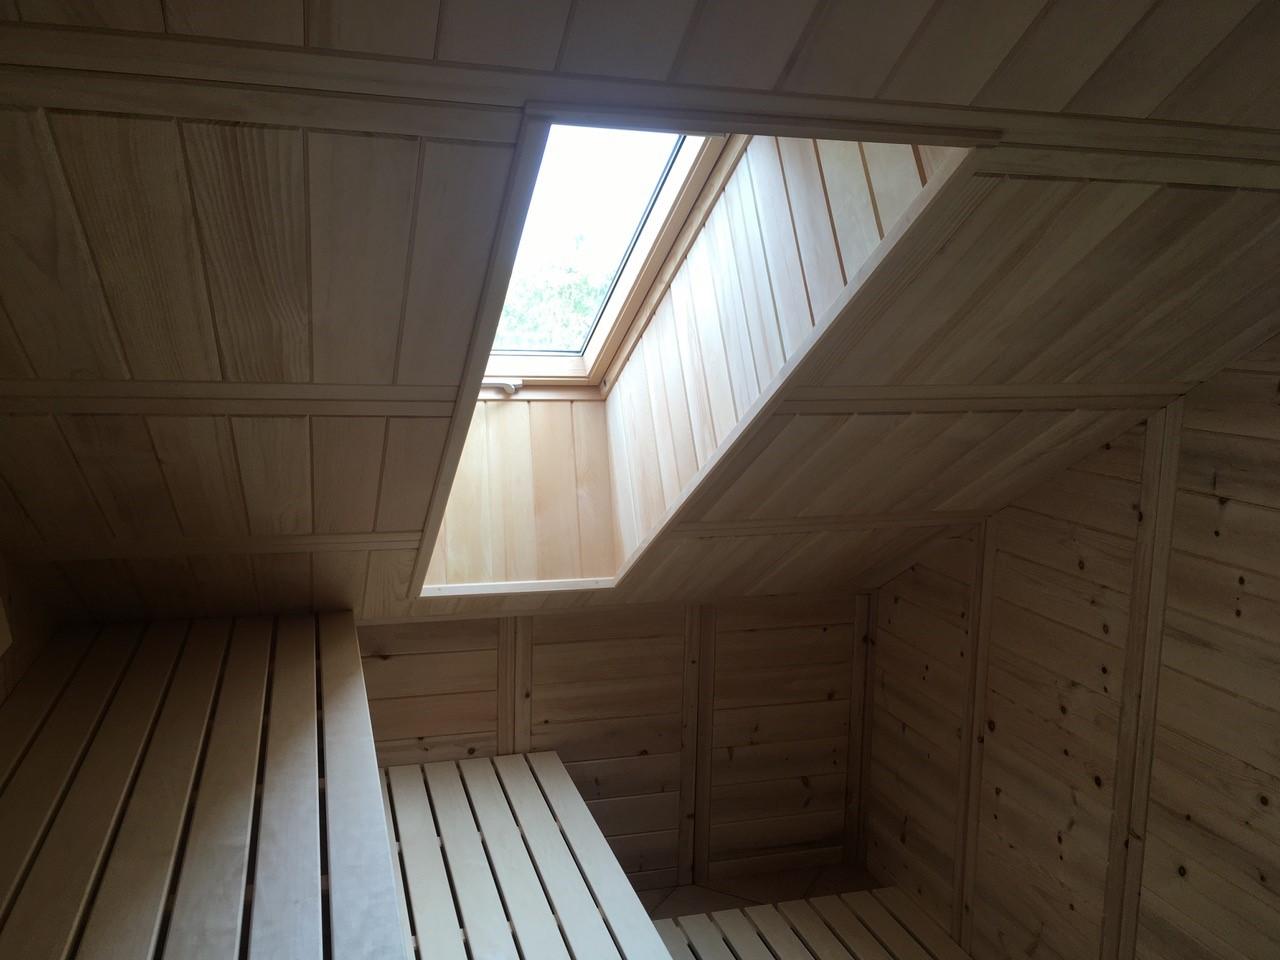 Sauna_Dachschräge_Referenz4